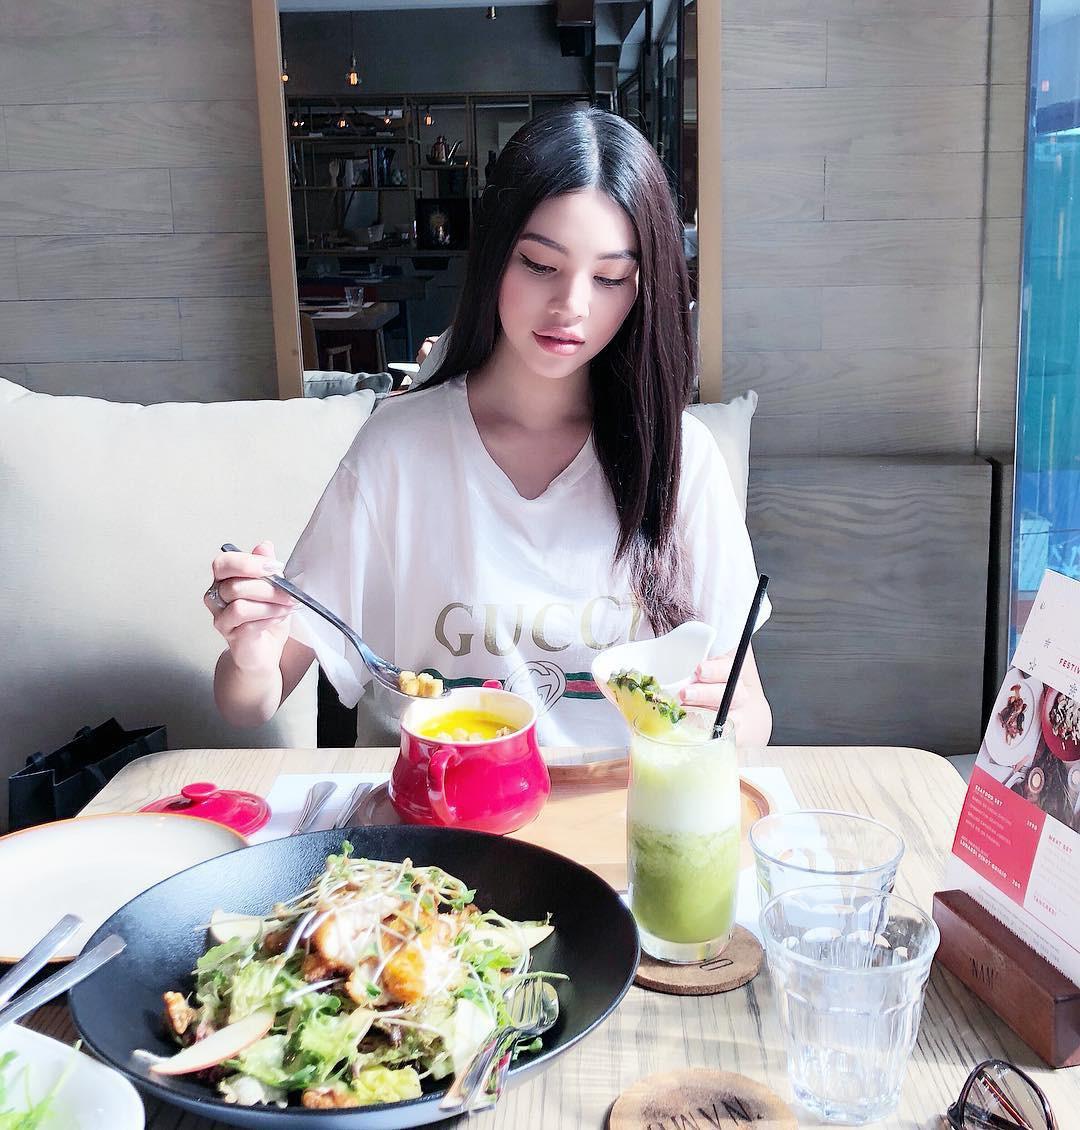 Học ngay bí quyết ăn uống giúp Hoa hậu Jolie Nguyễn sở hữu được vòng eo con kiến thuộc top nhỏ nhất trong làng giải trí - Ảnh 2.